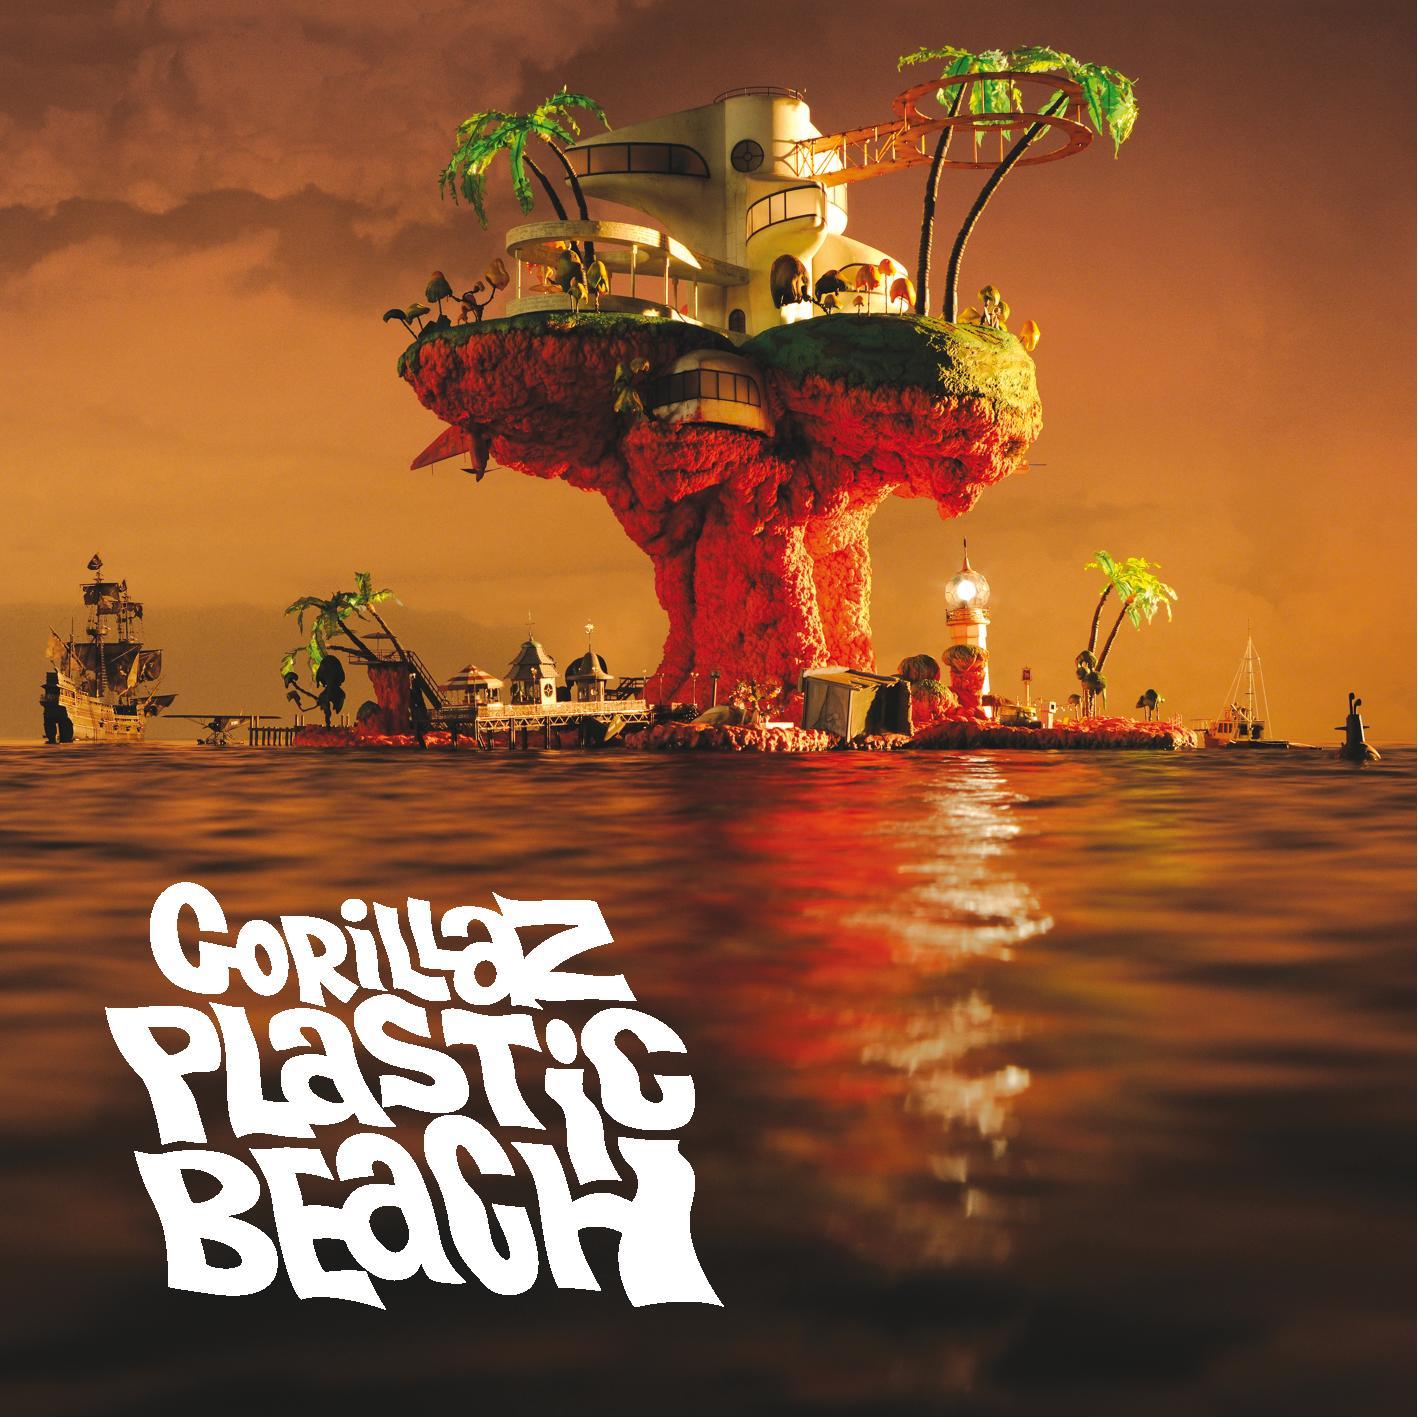 Gorillaz zvou na plastikovou pláž